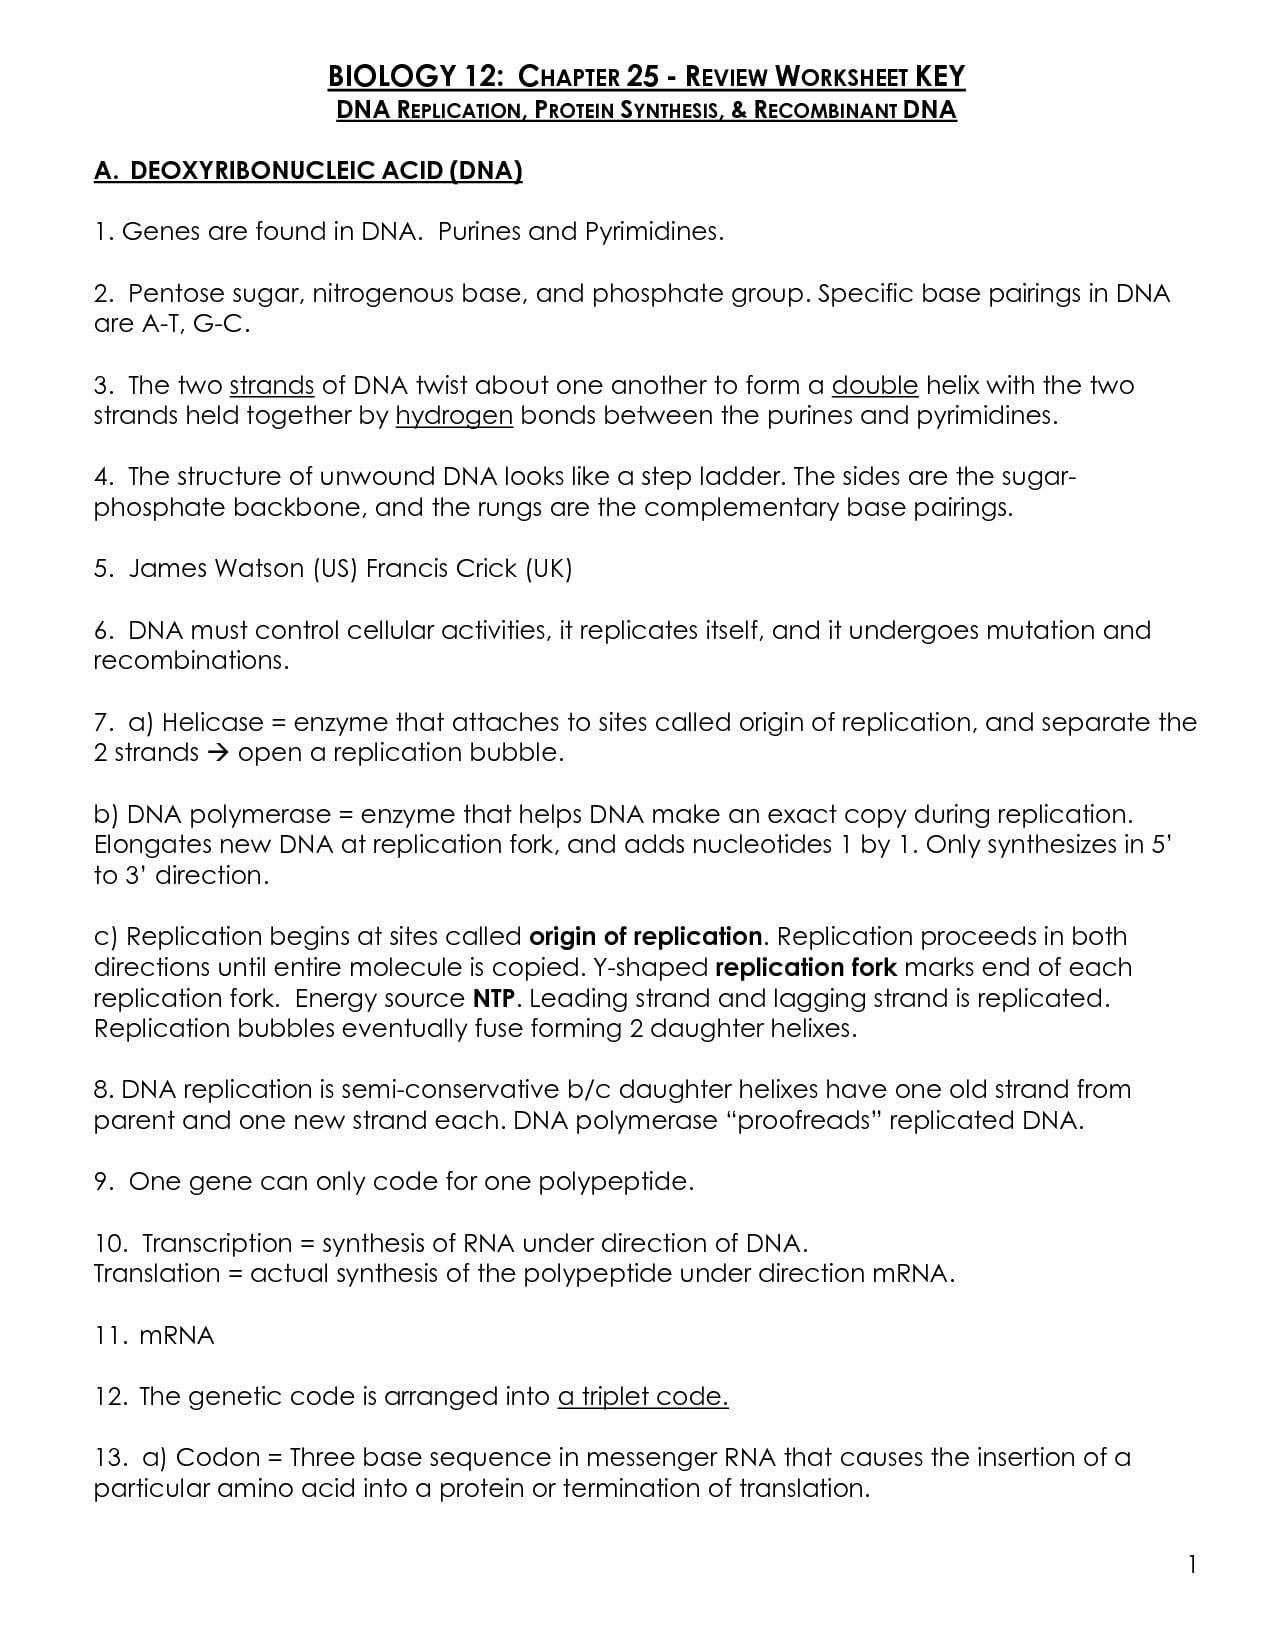 Worksheet Transcription And Translation Worksheet Answers And Transcription Worksheet Answer Key